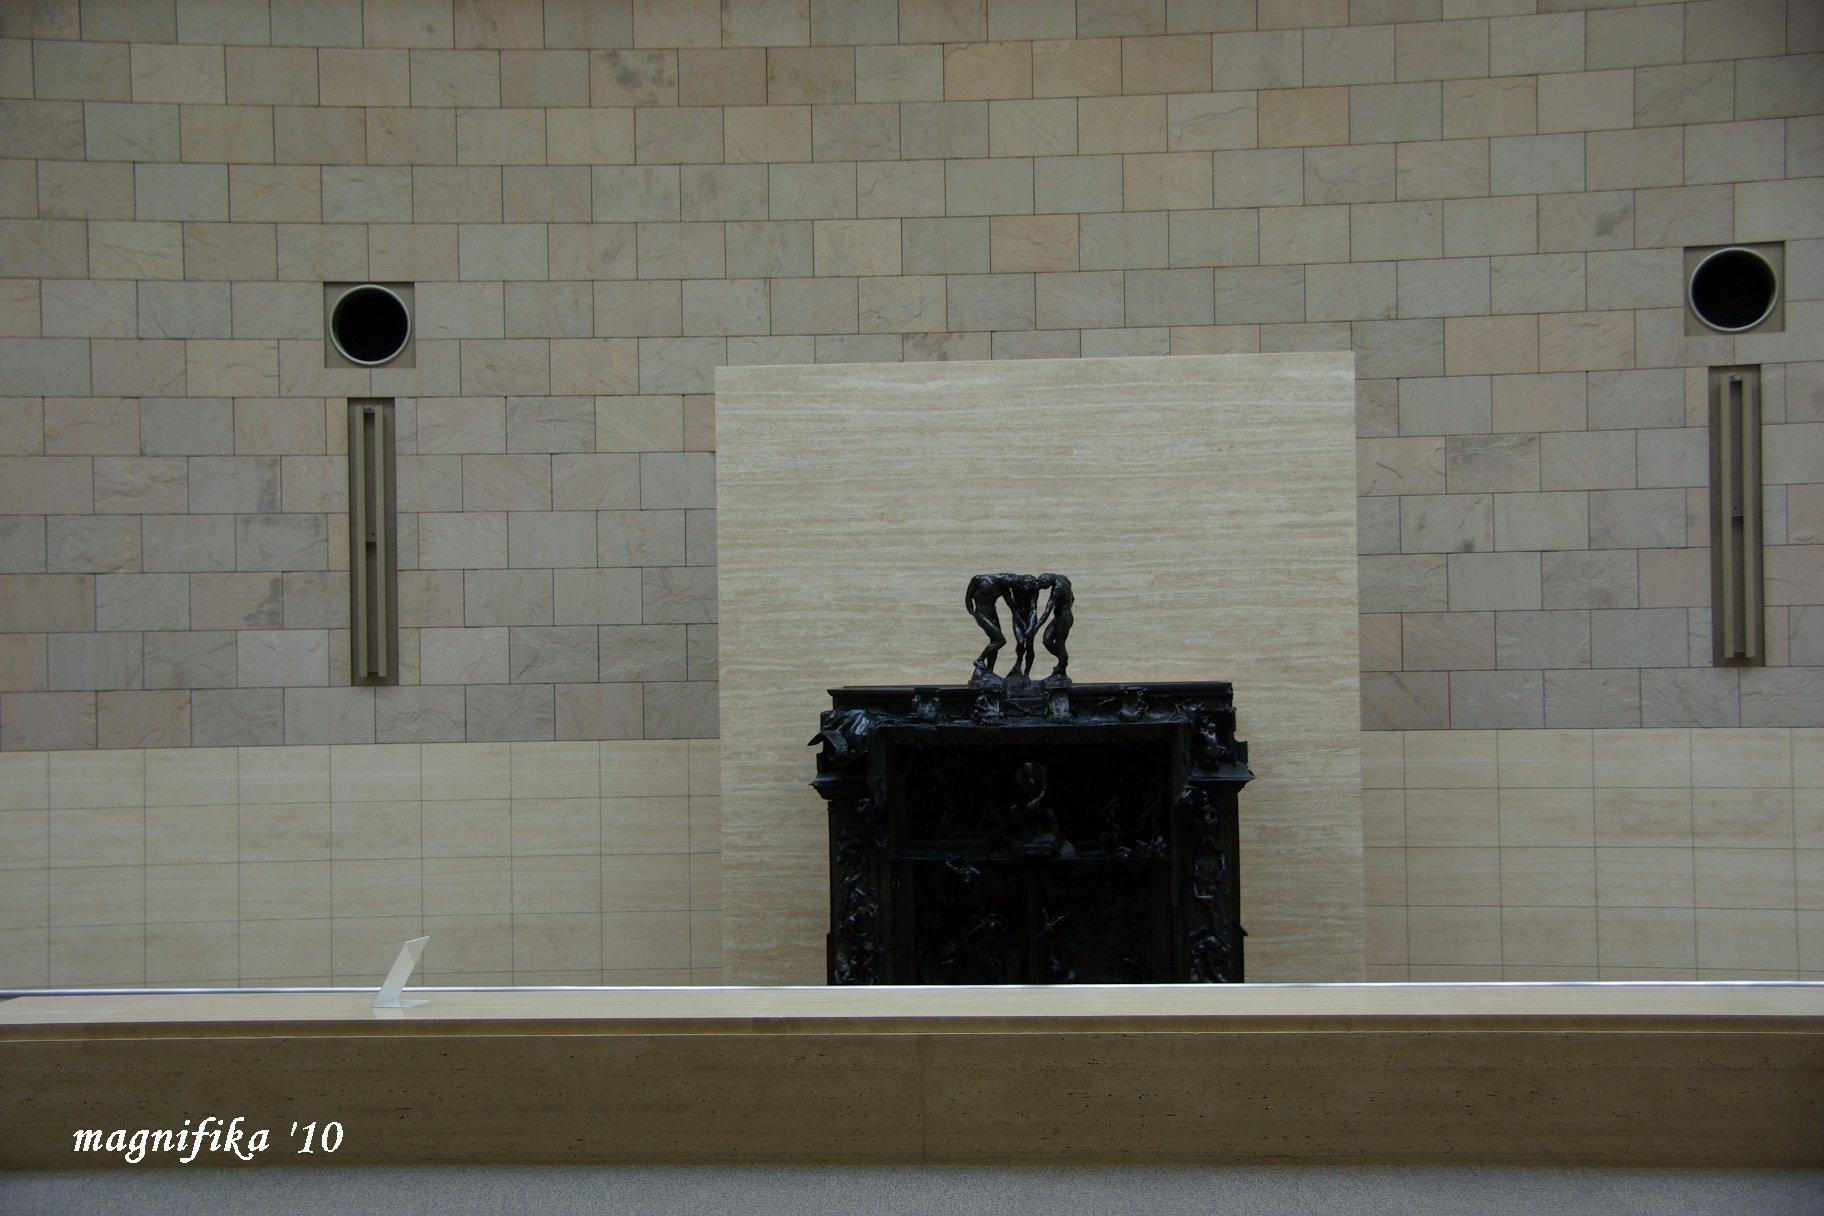 静岡県立美術館 ロダン館-1 Rodin Wing of Shizuoka Pref. Museum of Art_e0140365_20525844.jpg